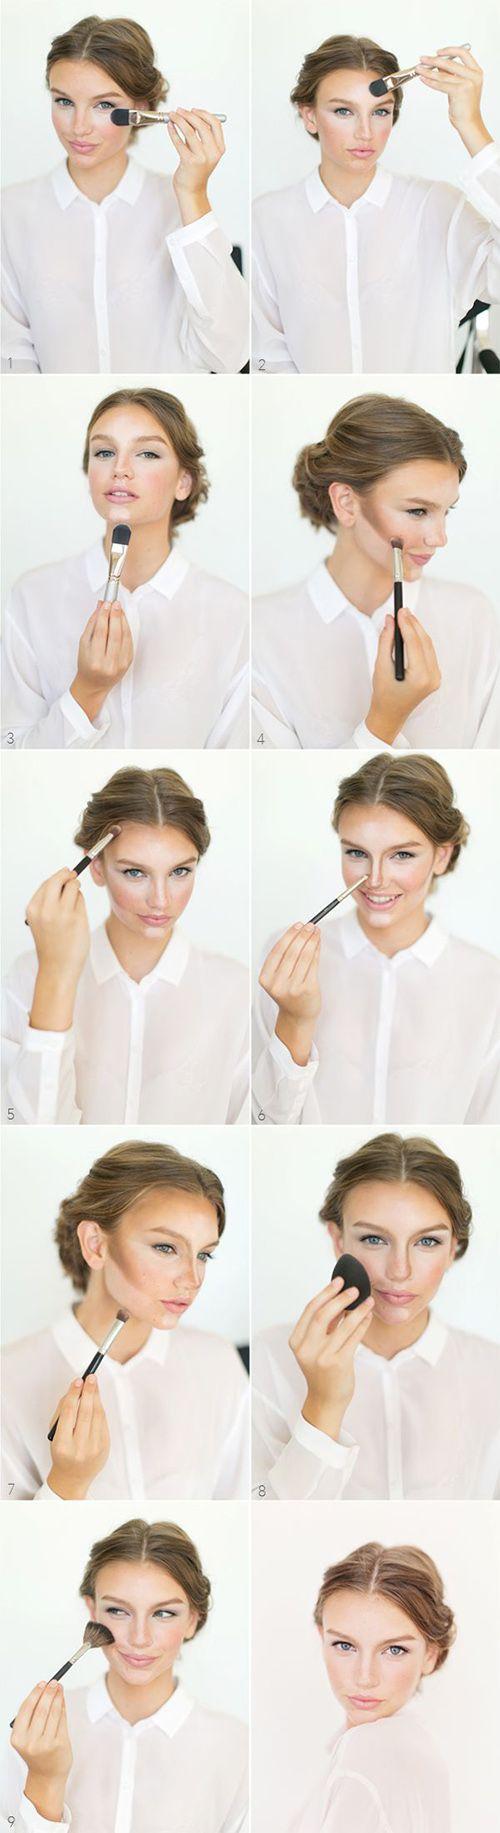 Contorno e iluminacion con maquillaje ¡en 9 pasos! mira lo fácil que es perfeccionar tu rostro. #MakeupTips #Beautyblender